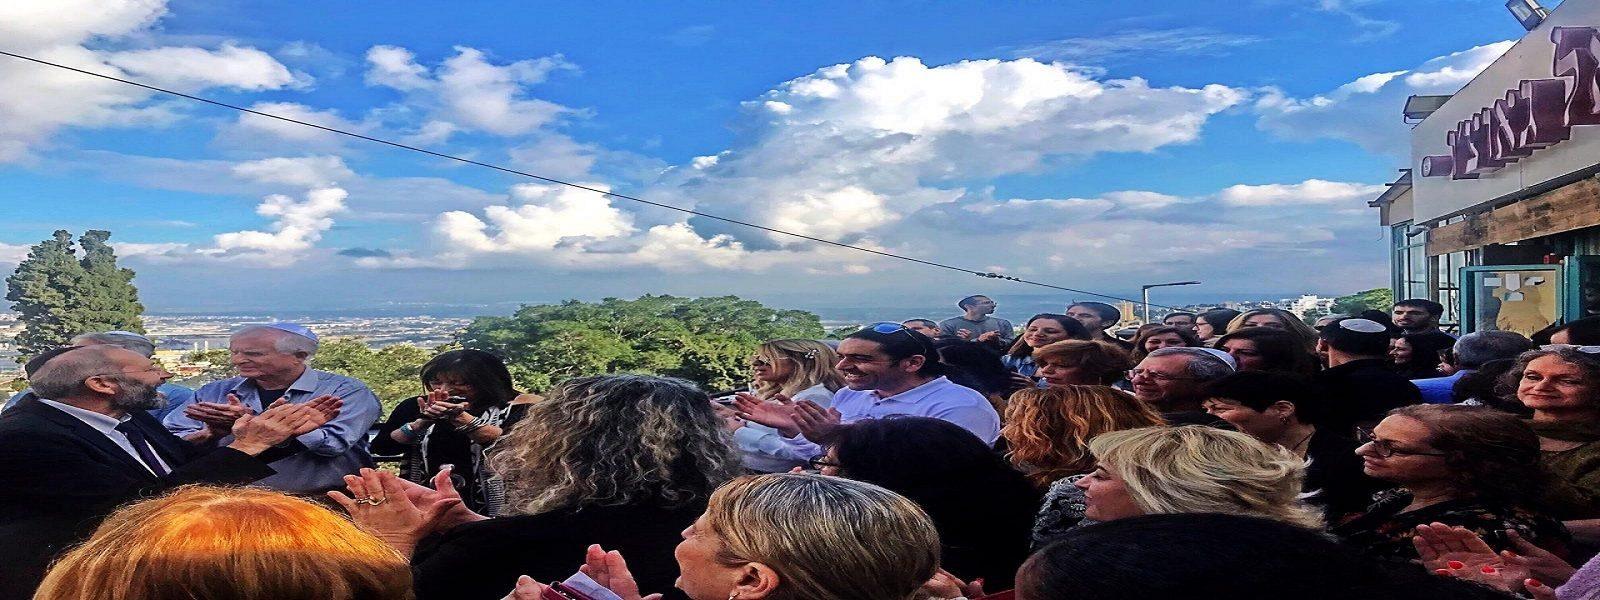 אל גאוצ'ו – אירועים ומרפסת עם נוף פנורמי מדהים לים